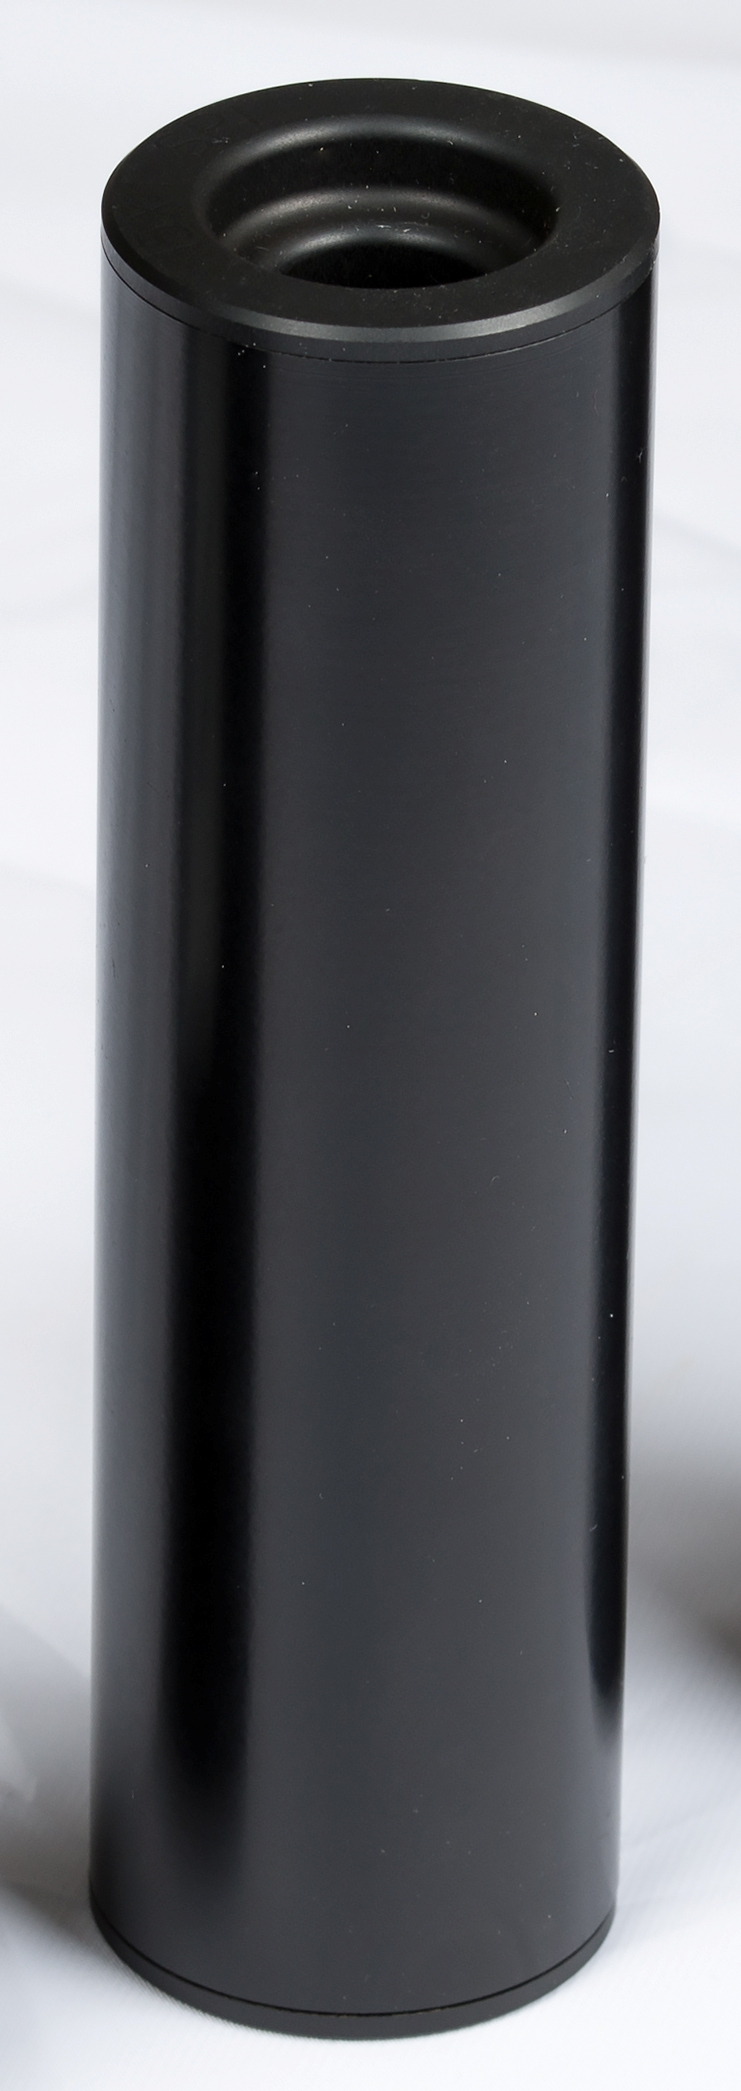 Osuma äänenvaimennin 220 .45 cal. musta